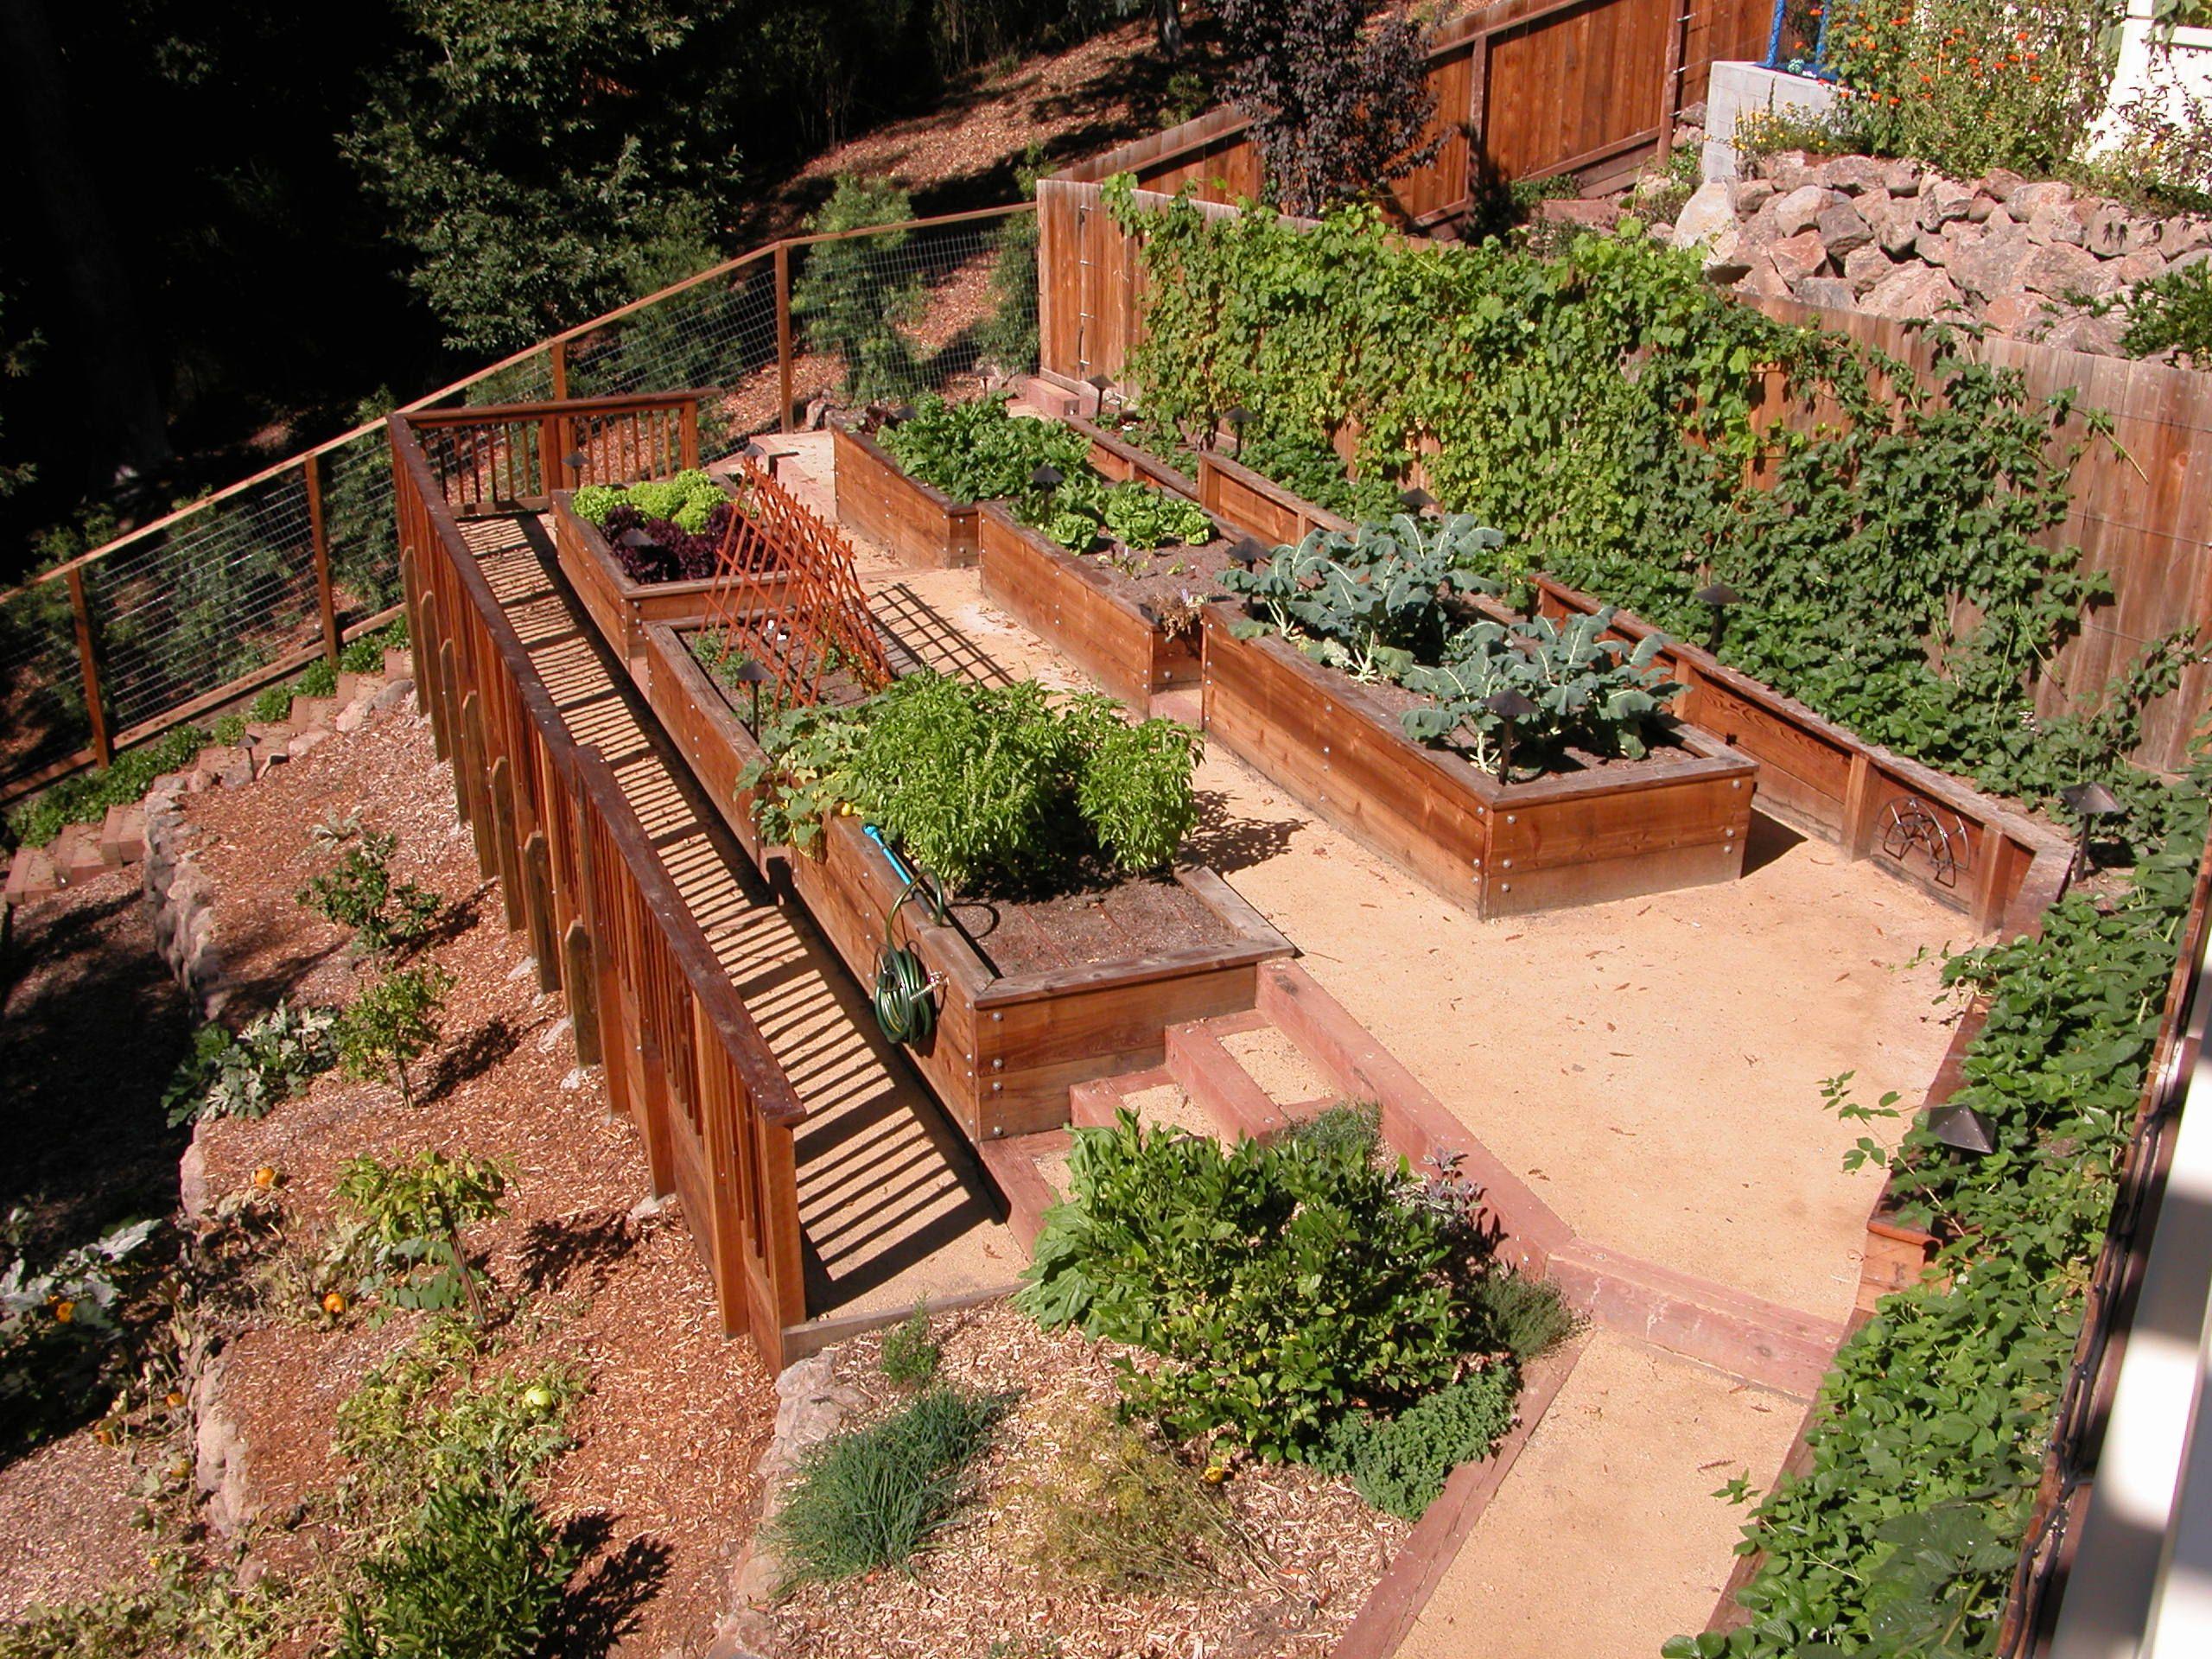 Carson Kitchen Garden 2 Raised Beds Hillside Garden Sloped